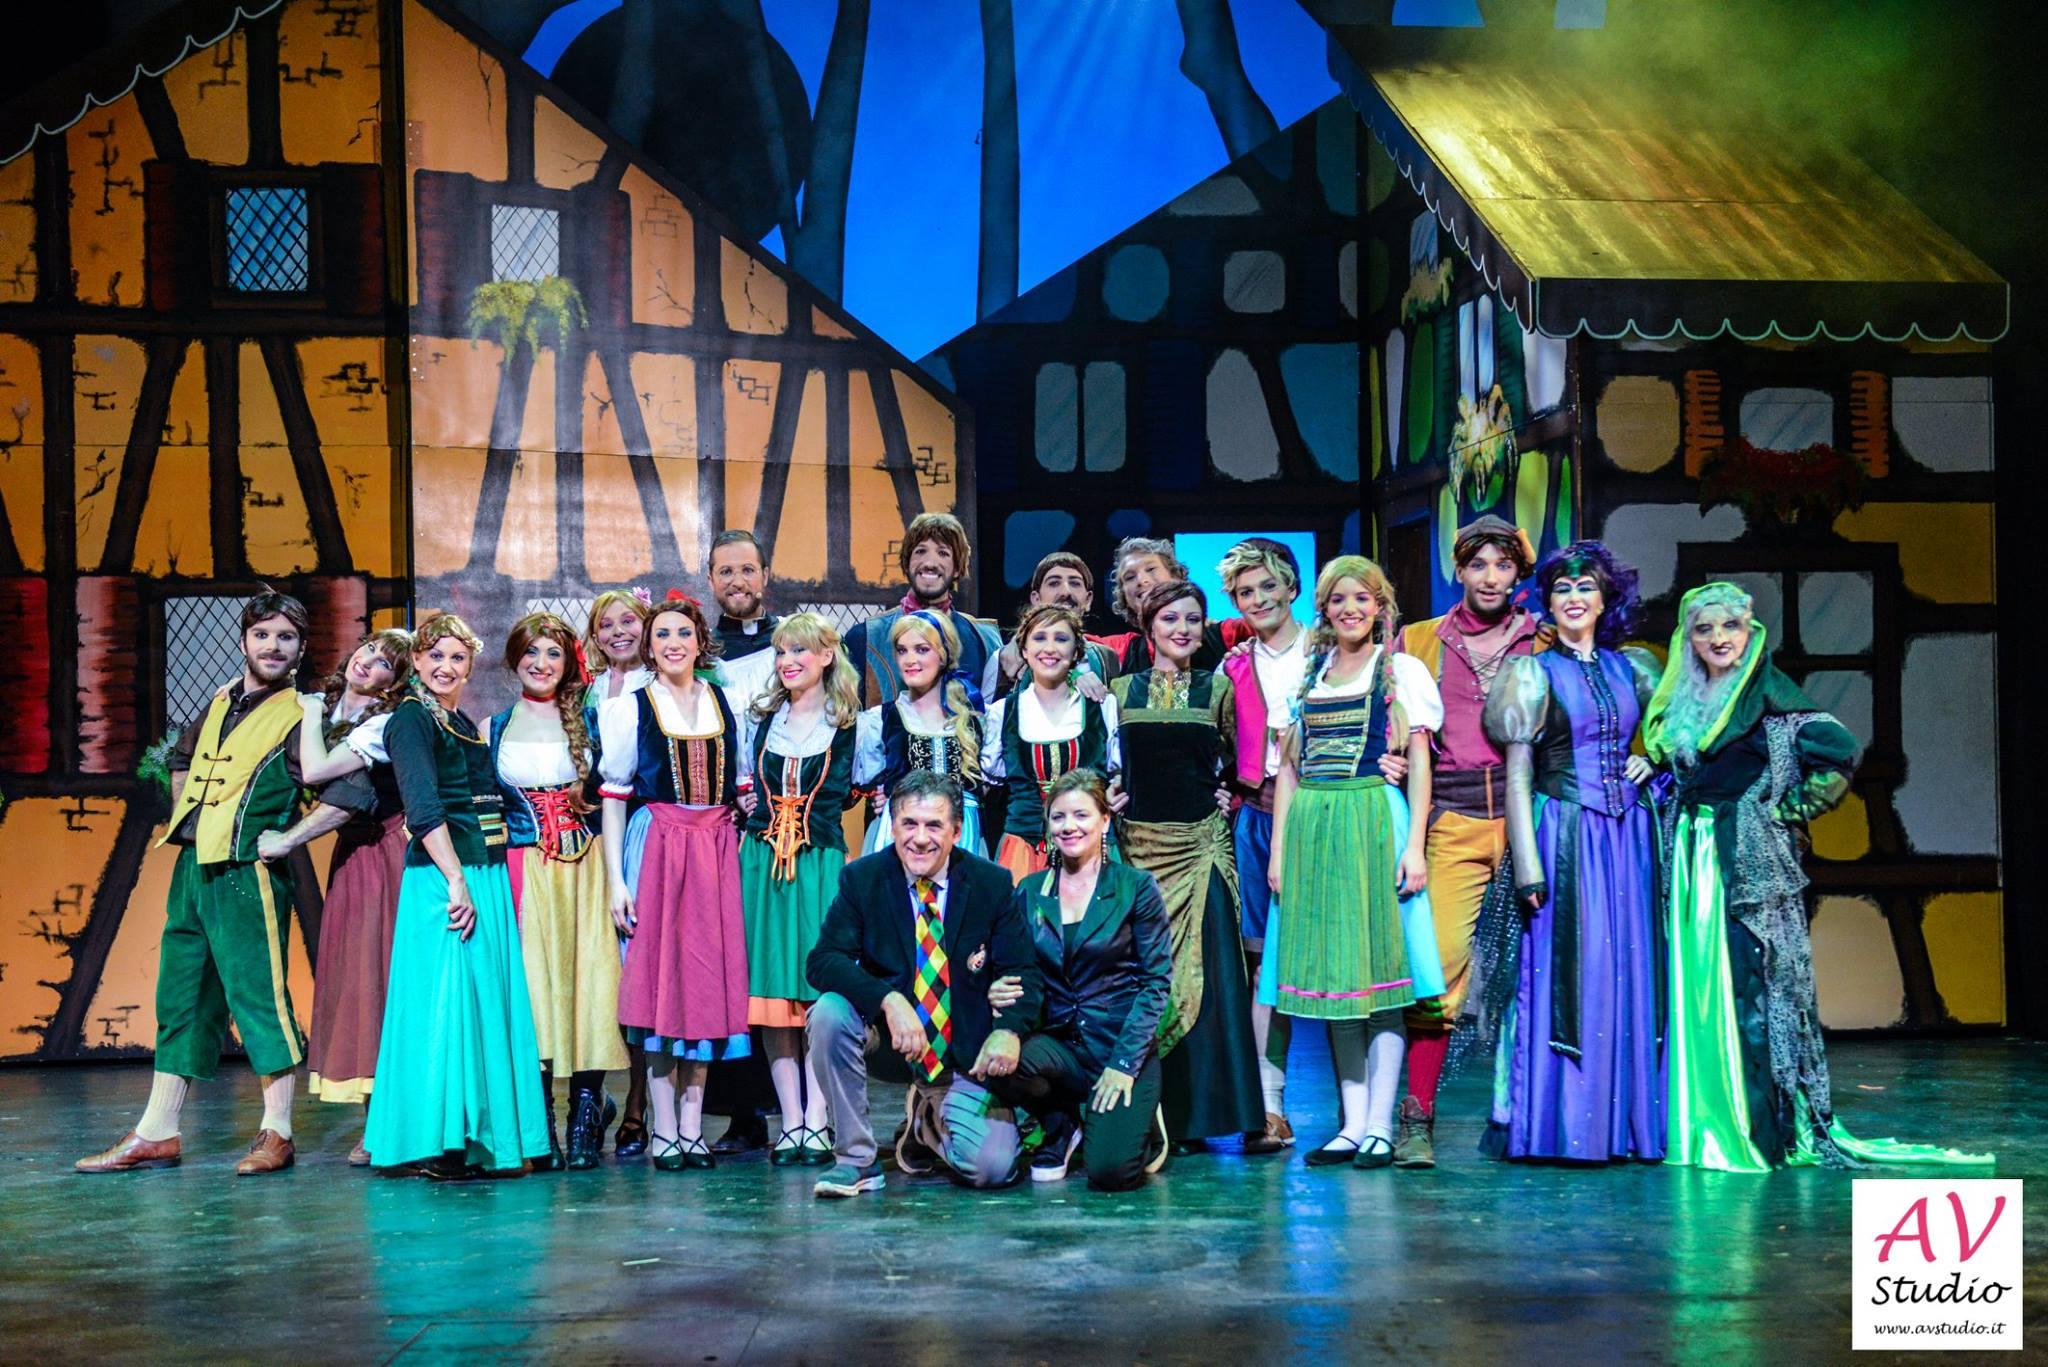 Hansel & Gretel e il Maleficio della Foresta Nera - Teatro Ariston Sanremo dicembre 2016 - La Compagnia del Villaggio